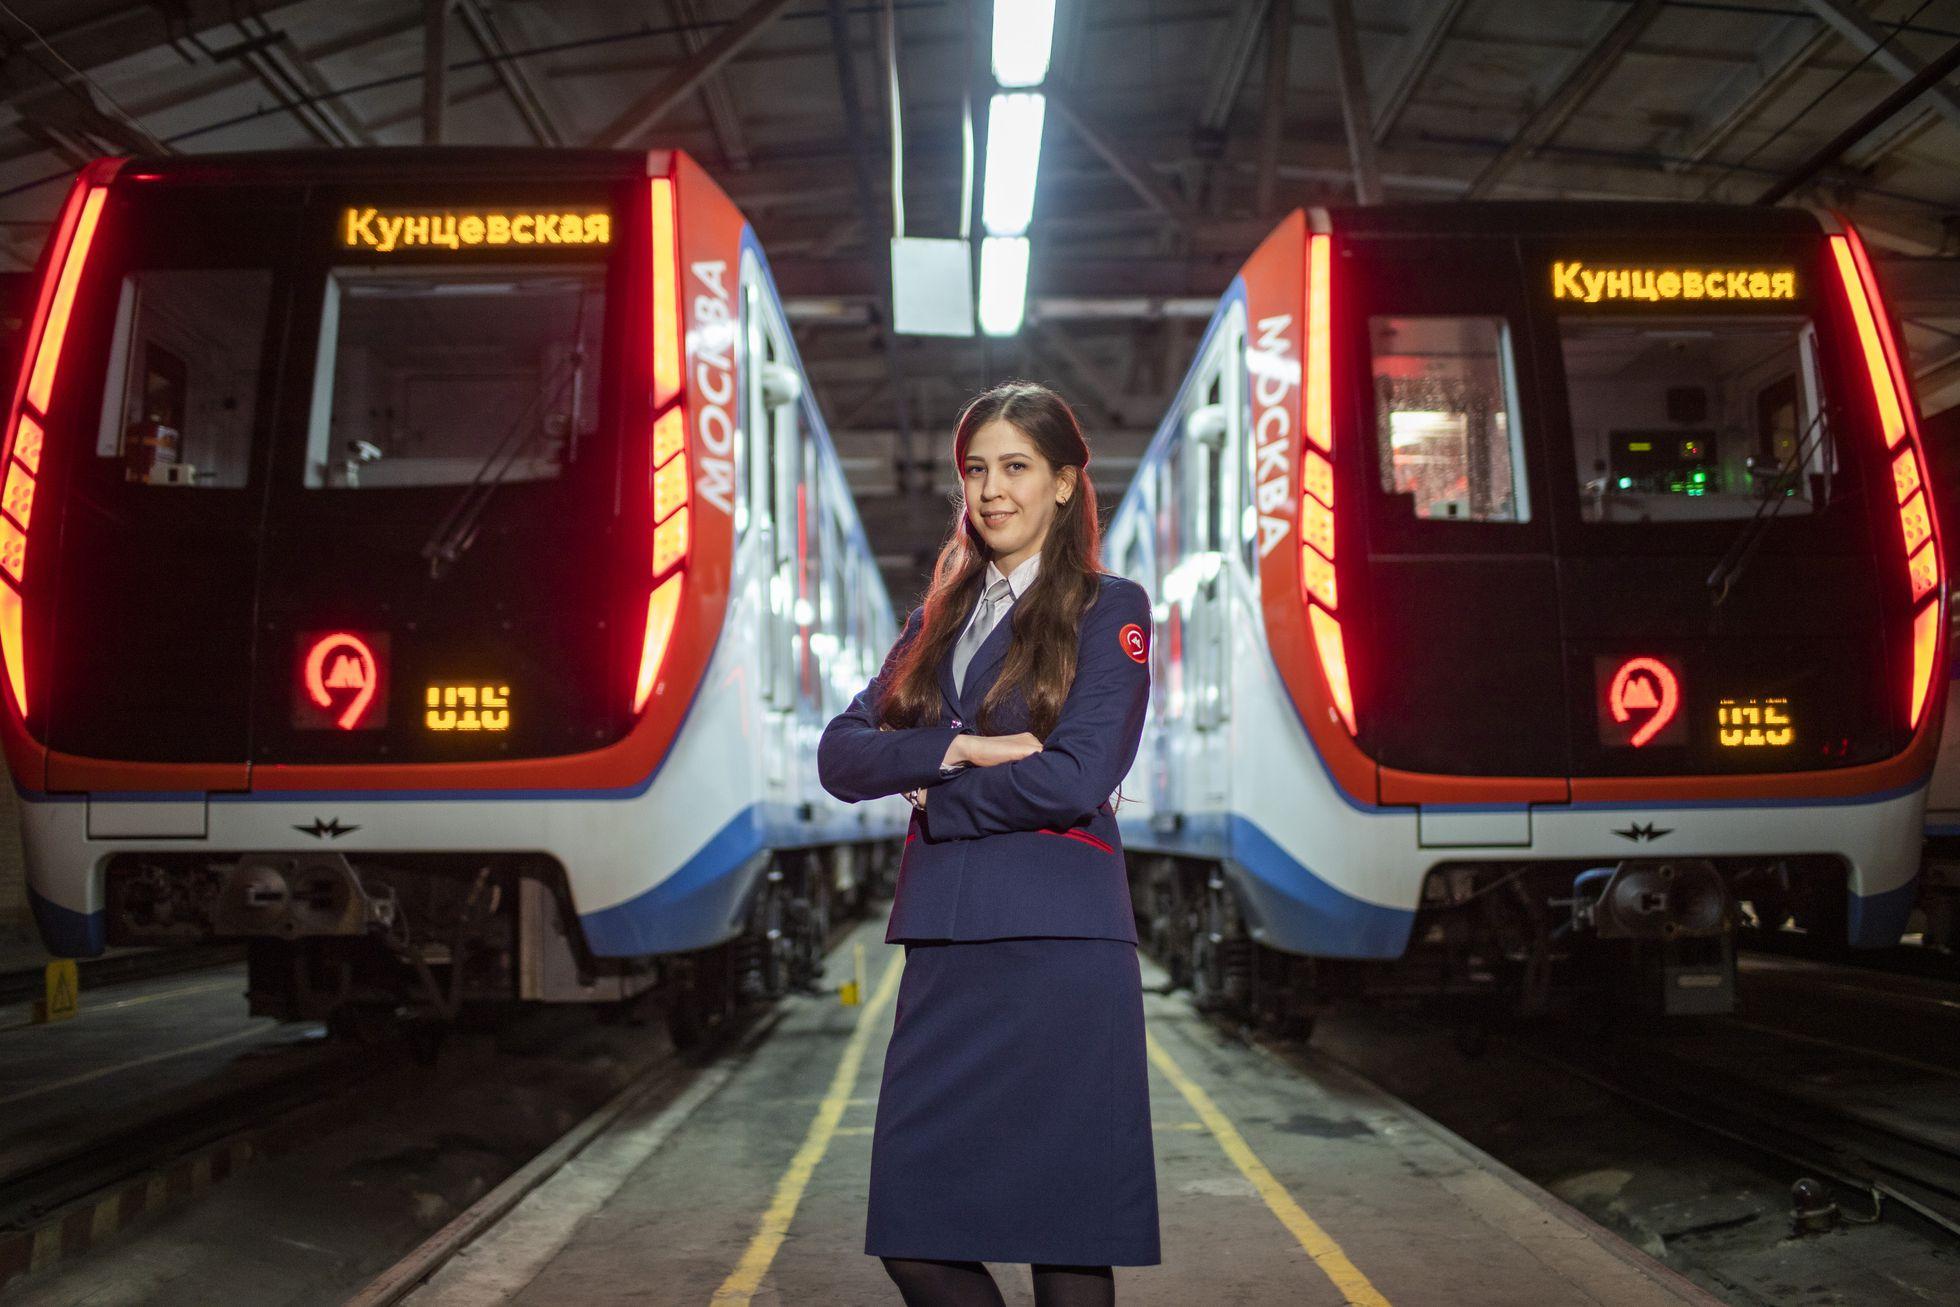 una de las mujeres maquinistas ante dos trenes